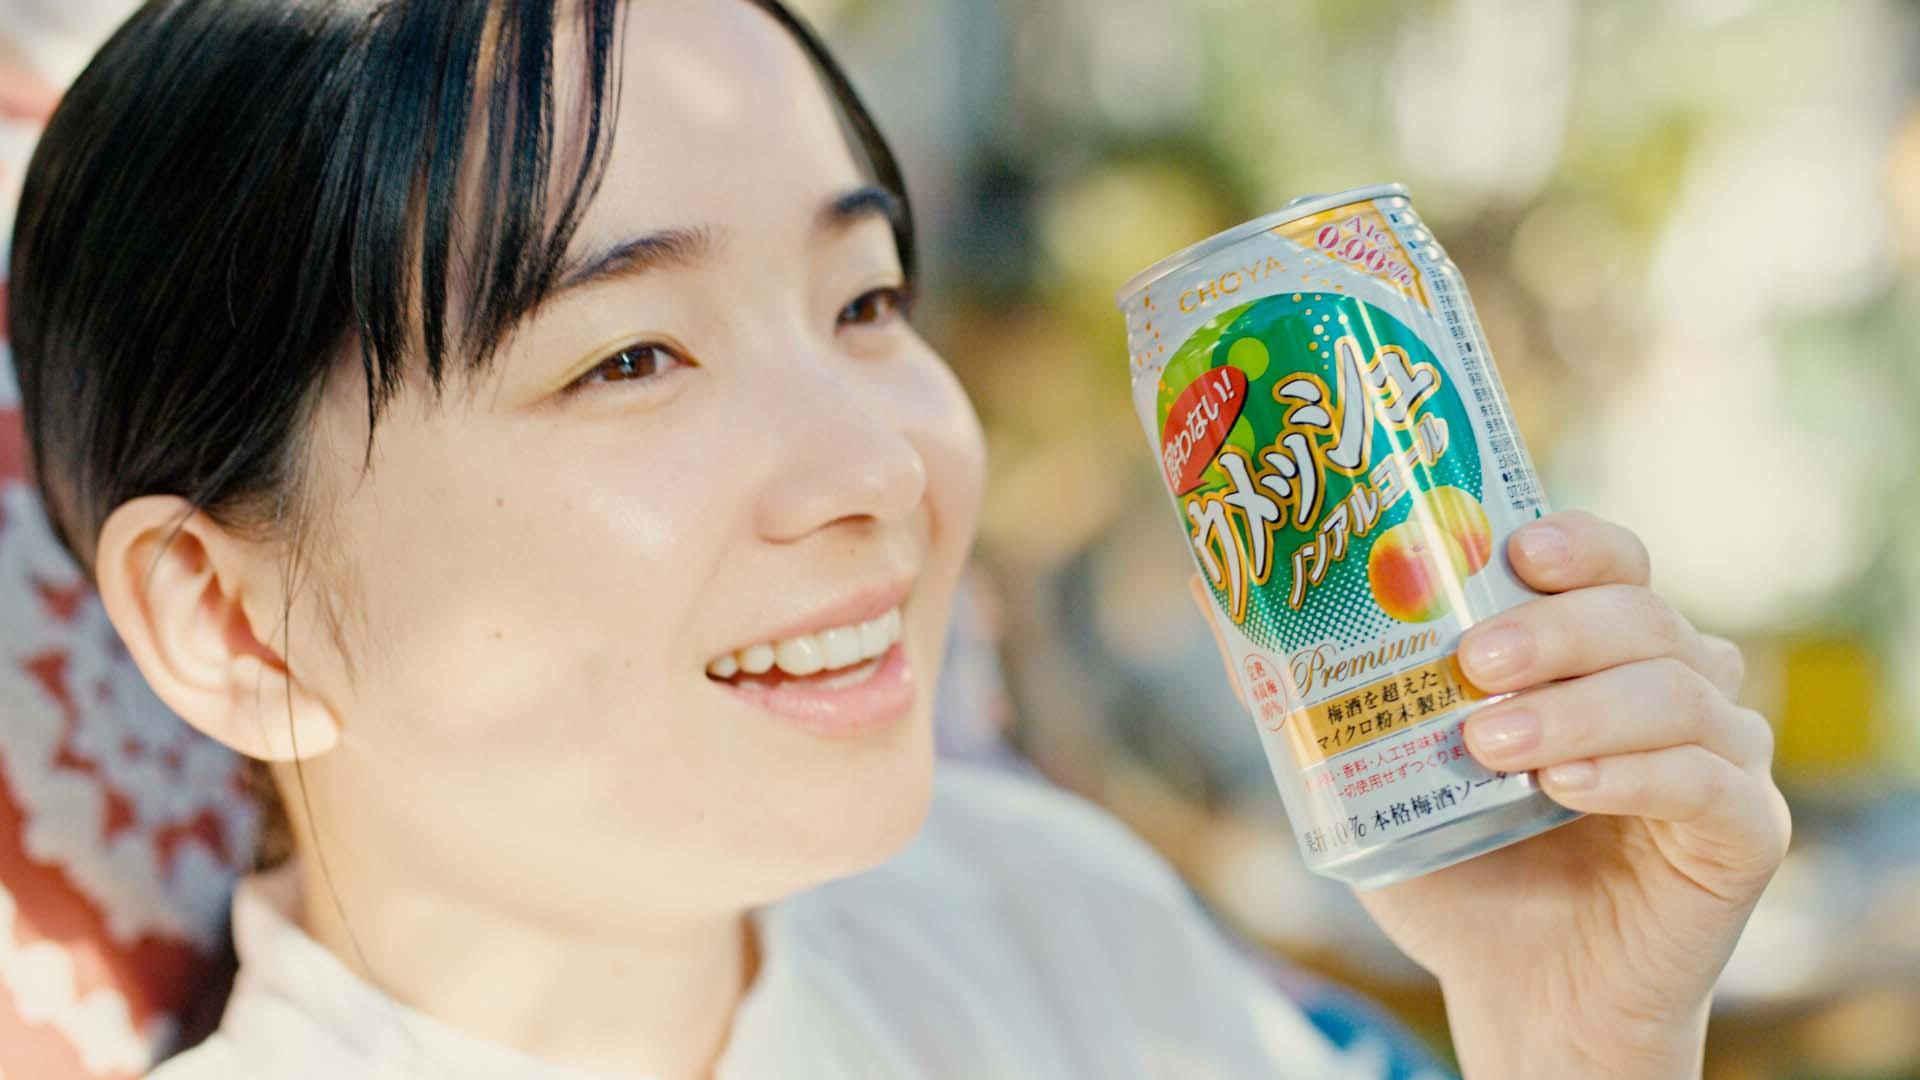 チョーヤ 梅酒 cm 2020 女優 宮本茉由、「The CHOYA」の新イメージキャラクターに起用!CM撮影で起こったプチハプニングは?